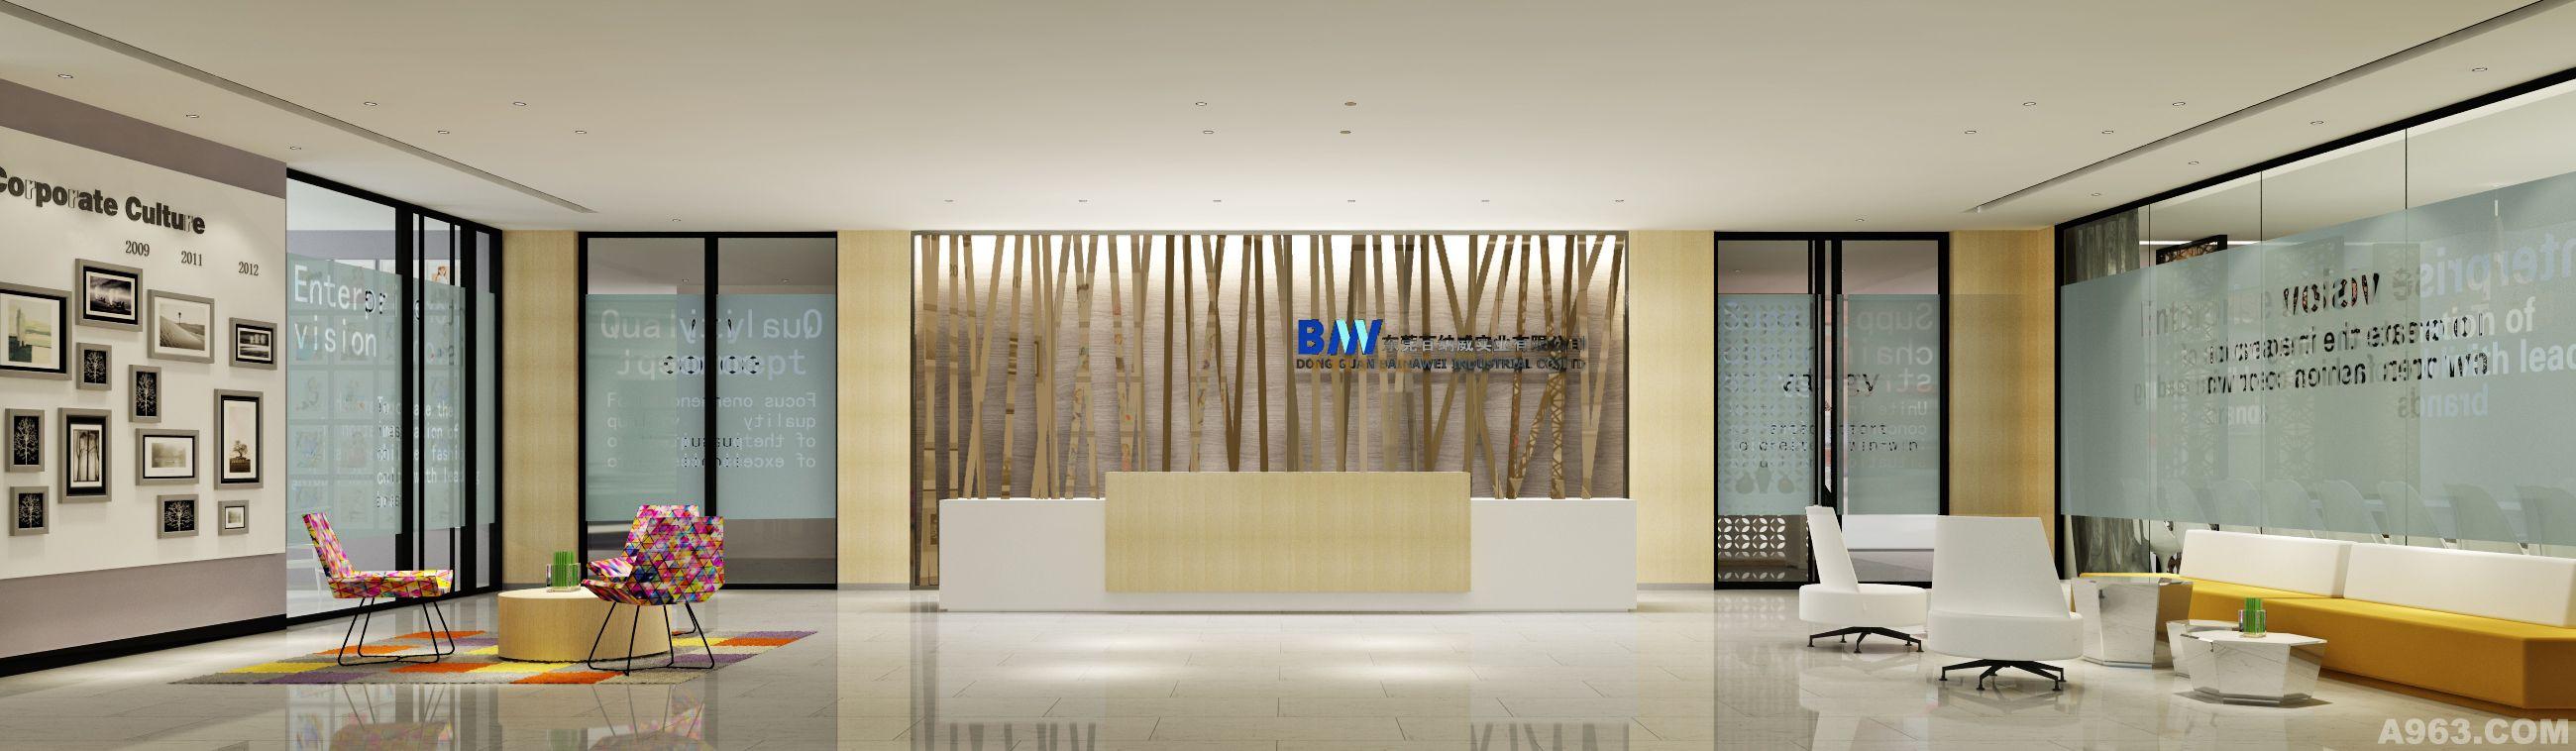 服装厂办公室装修效果图案例      本案为服装设计公司的办公室装修